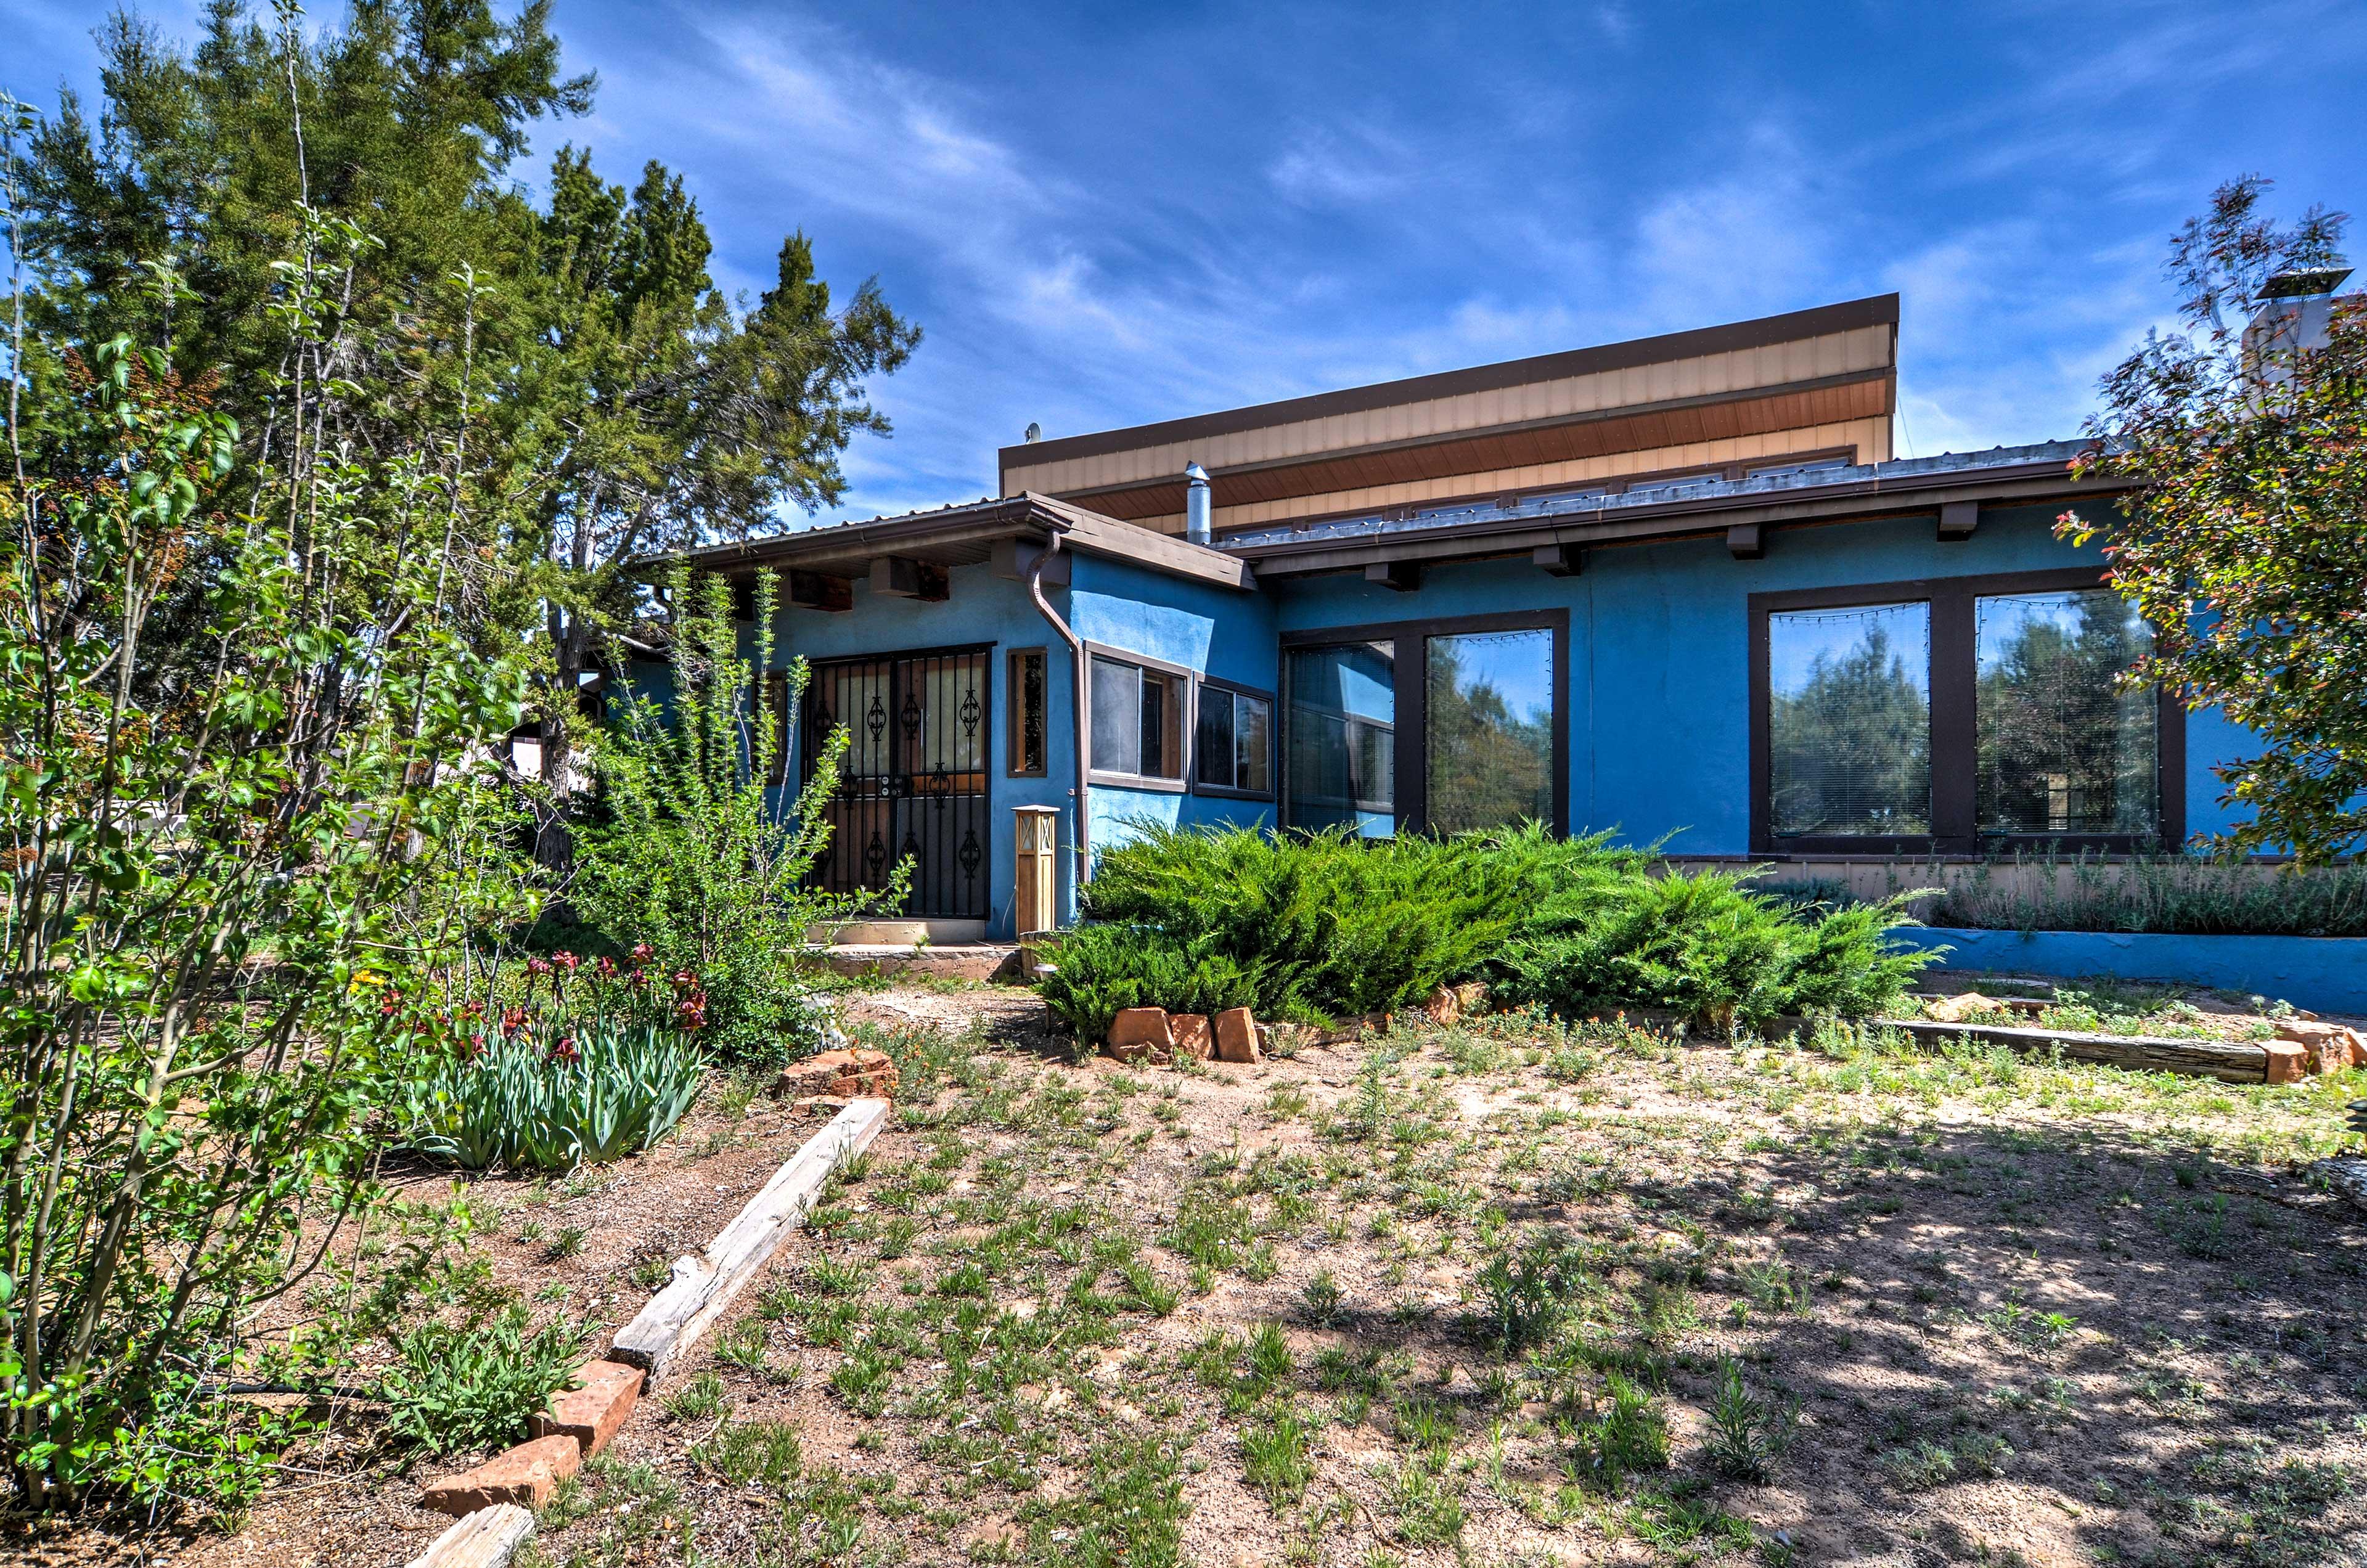 Santa Fe Vacation Rental   2BR   2BA   2,400 Sq Ft   1 Story